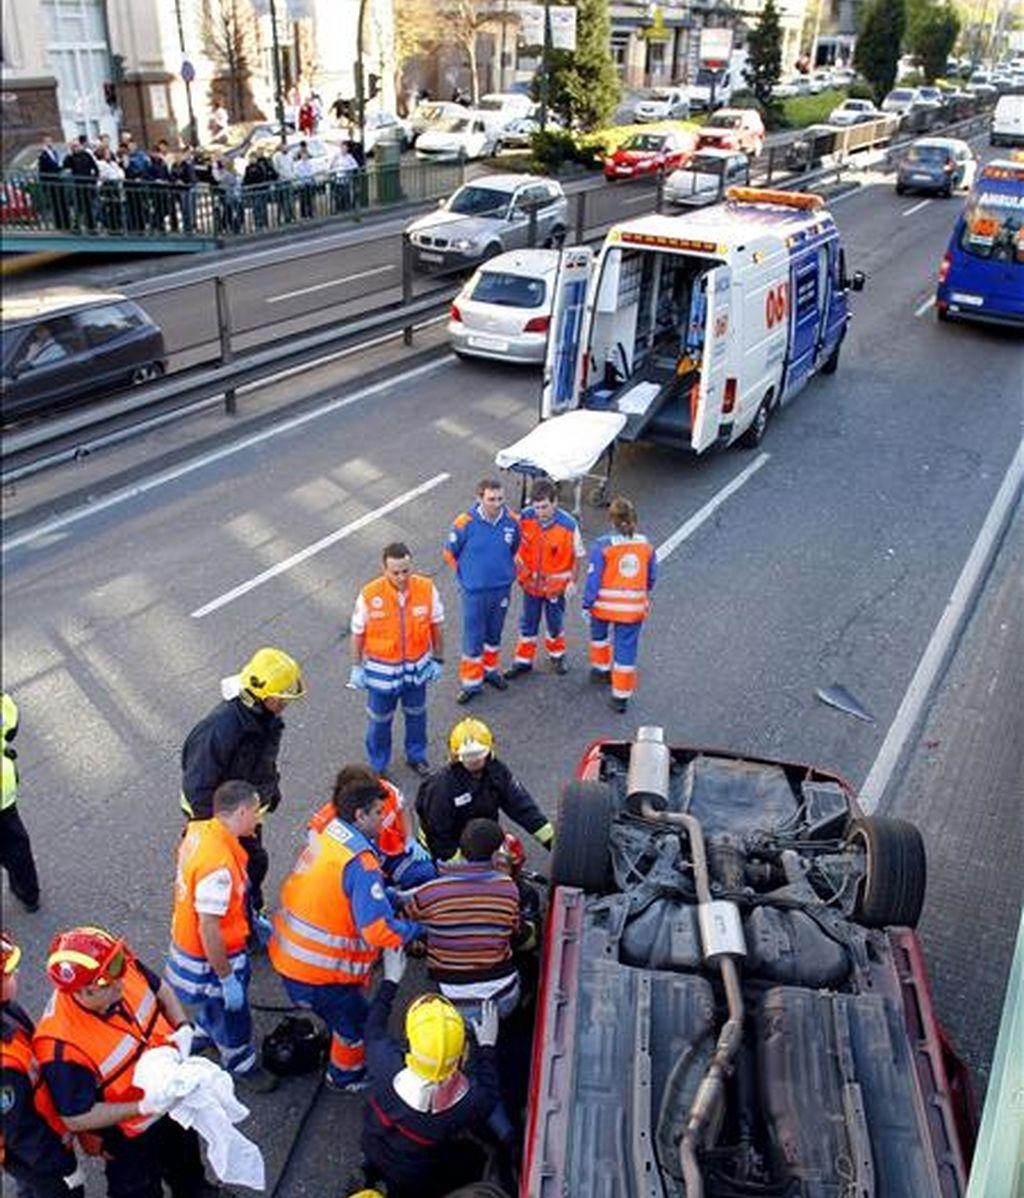 Miembros del equipo de Bomberos de A Coruña rescatan al hombre tras un accidente. EFE